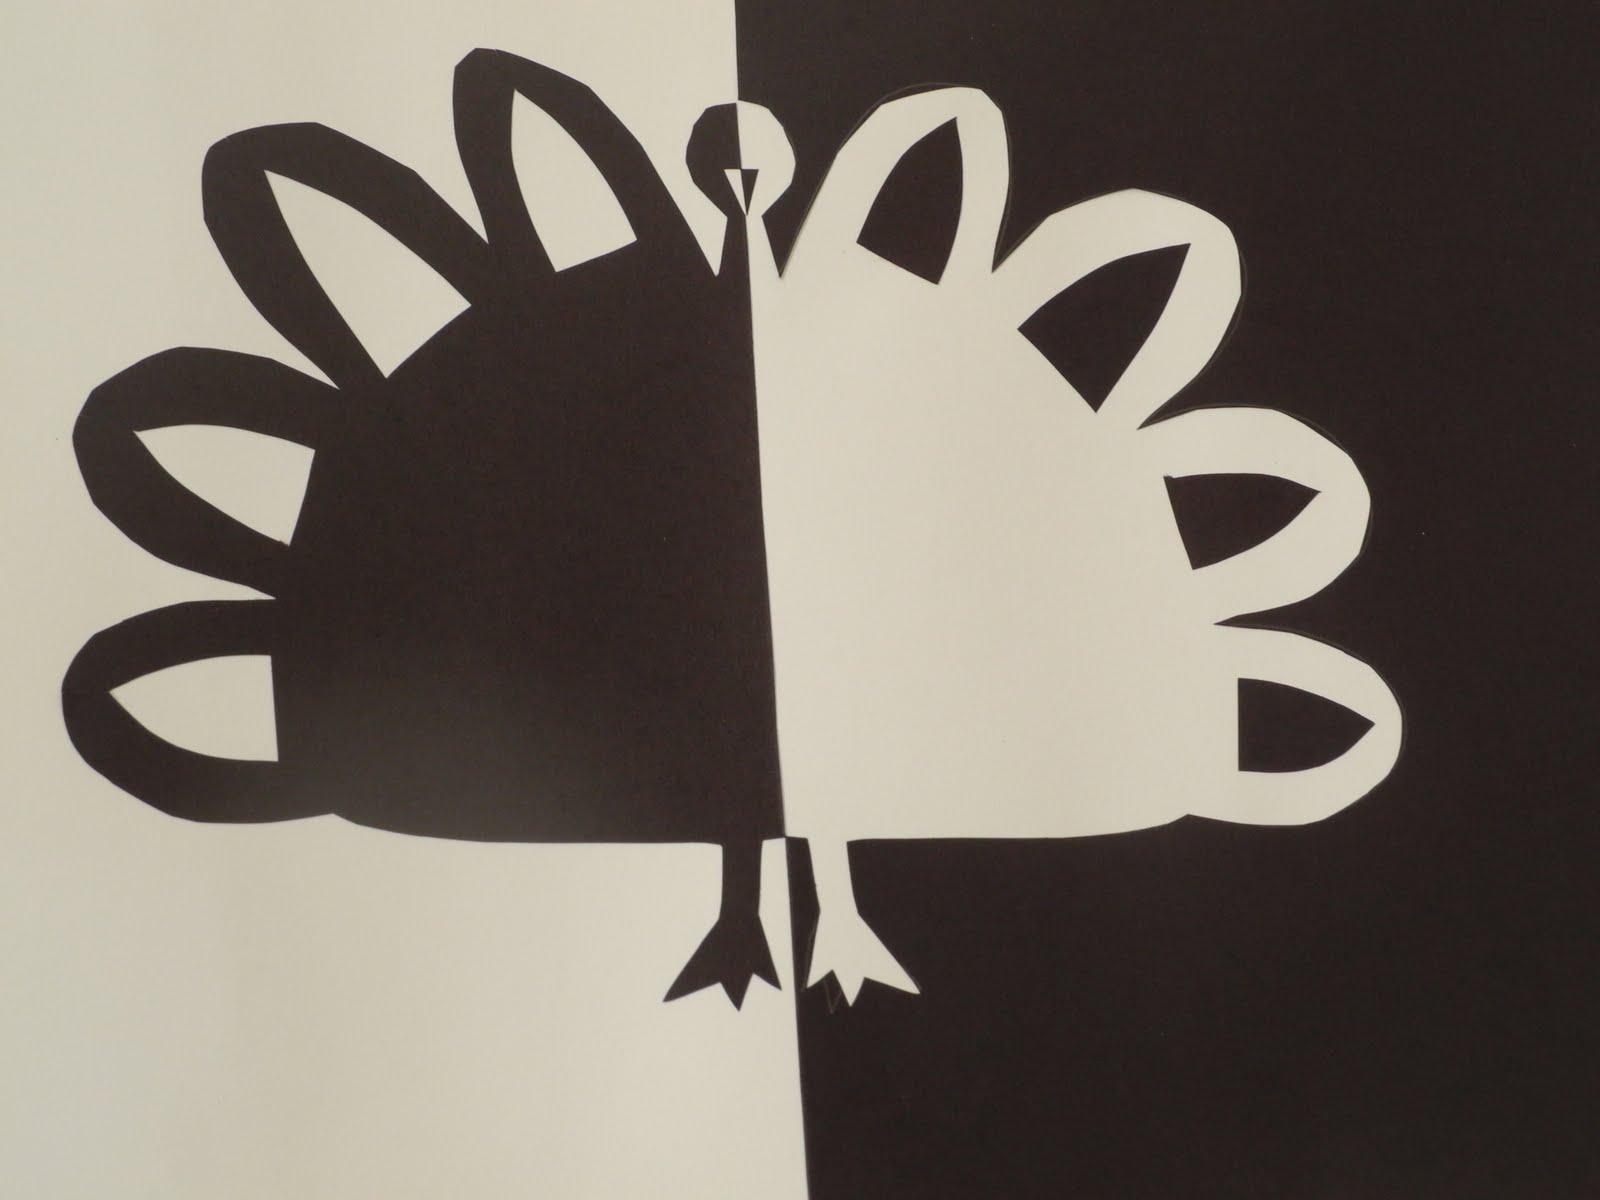 Frenchboro School Turkey Symmetry